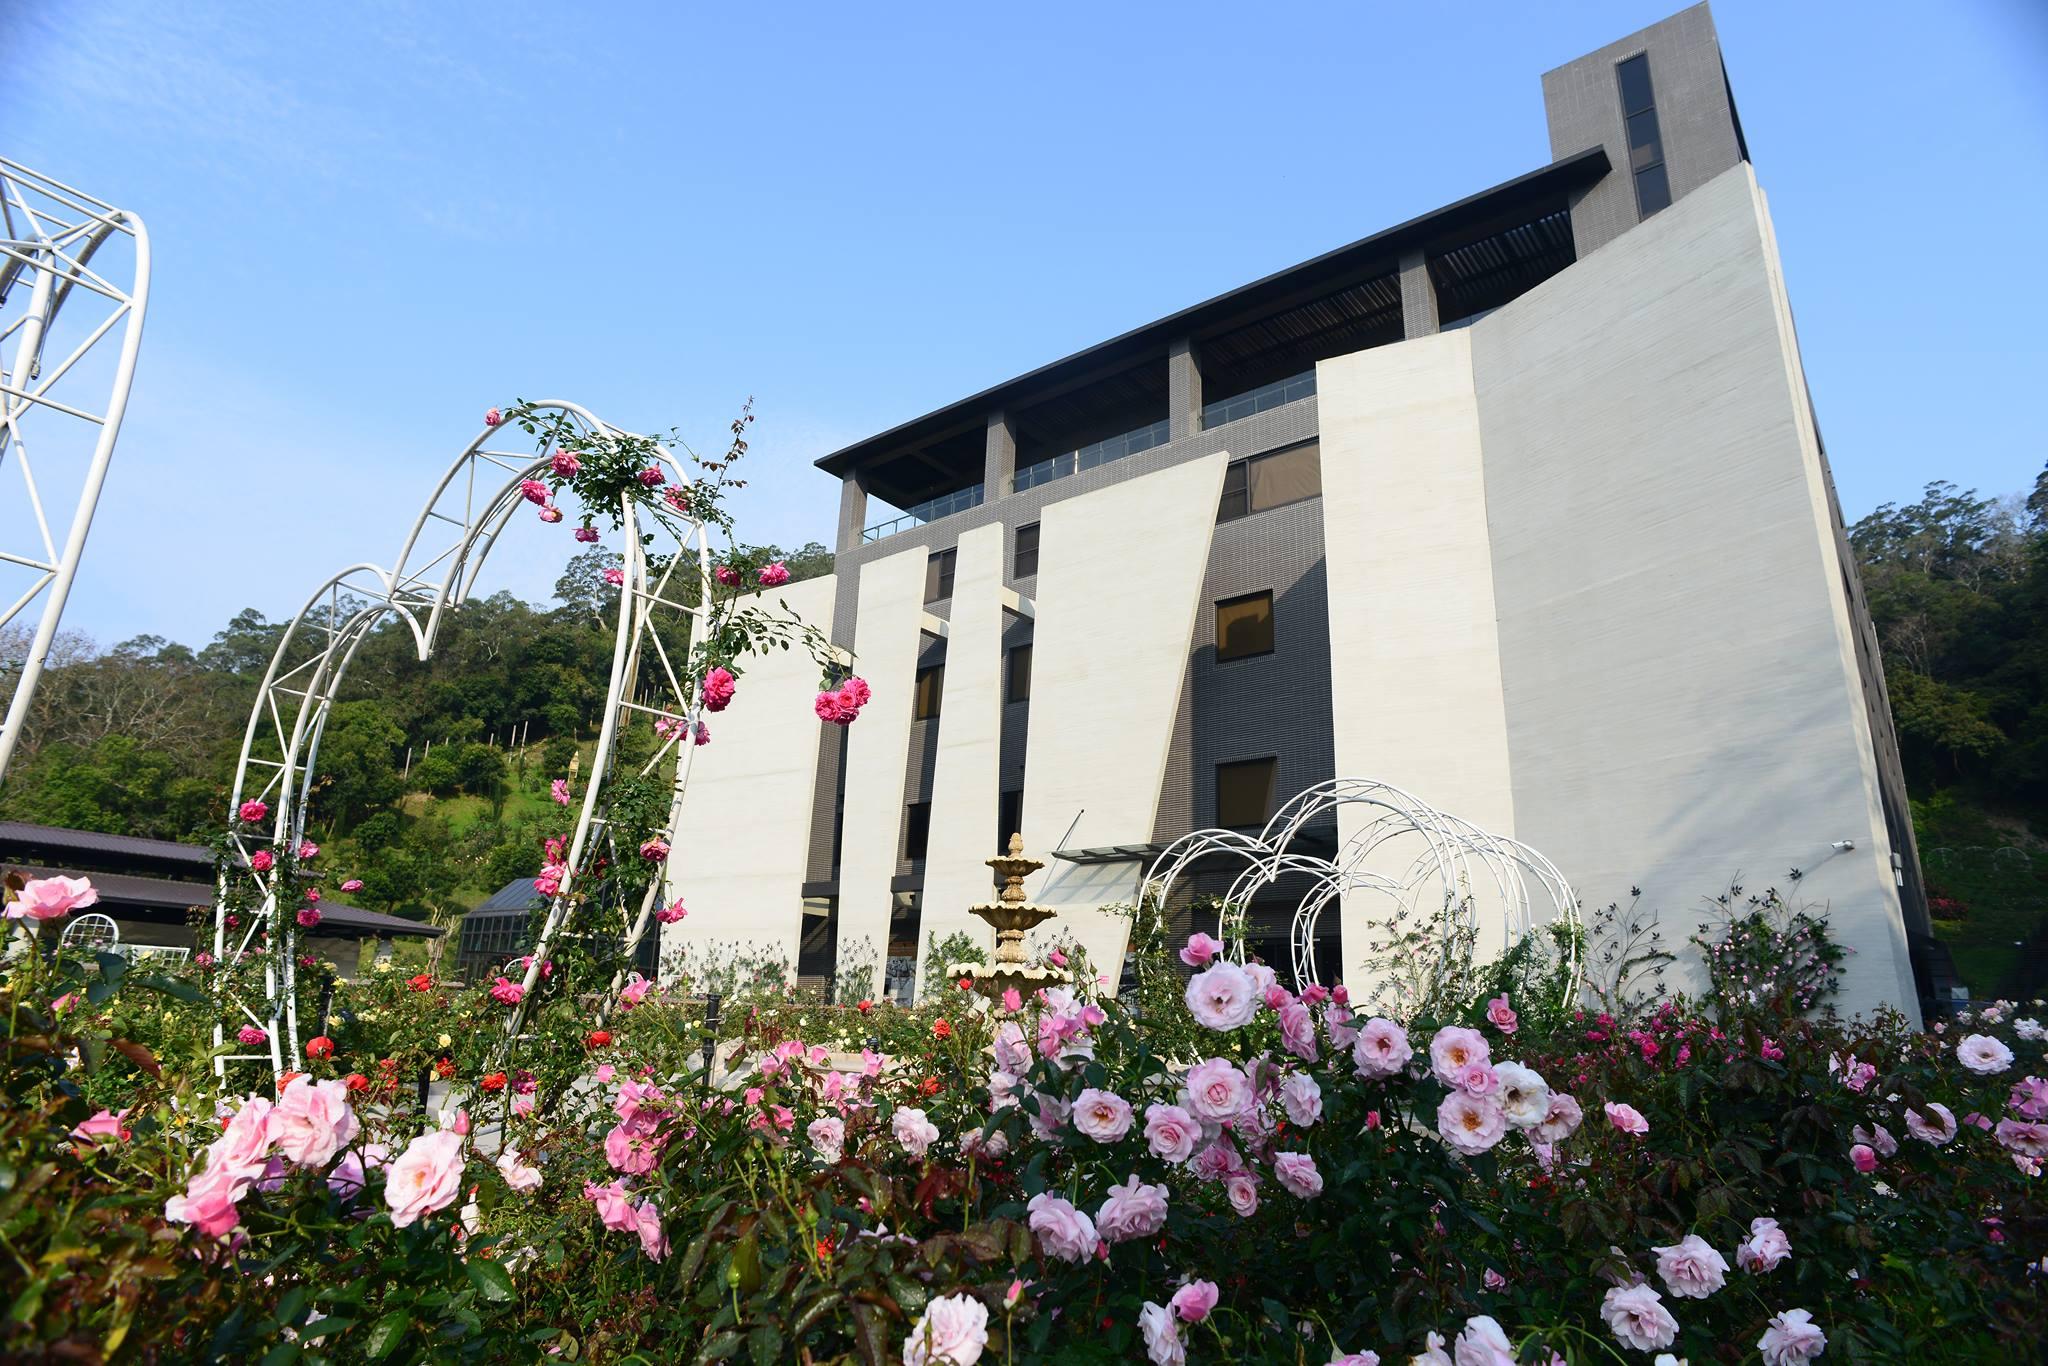 雅聞七里香玫瑰森林總面積約5公頃,號稱是全台最大、花種最豐富的玫瑰園。圖/雅聞七里香玫瑰森林臉書粉絲專頁